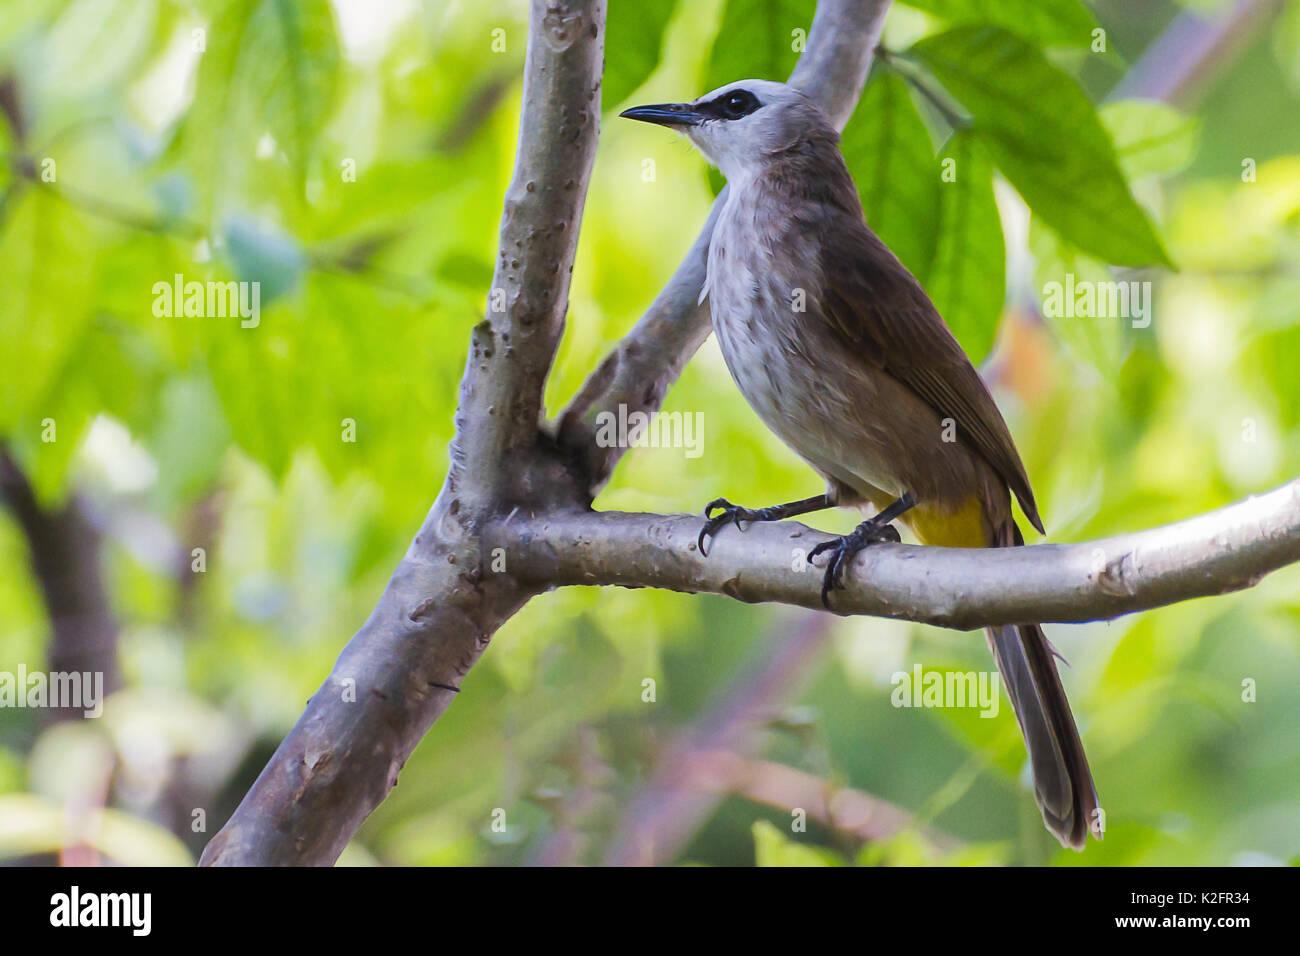 Bulbul (Pycnonotus Yellow-Vented goiavier) Perca en el árbol. Foto de stock